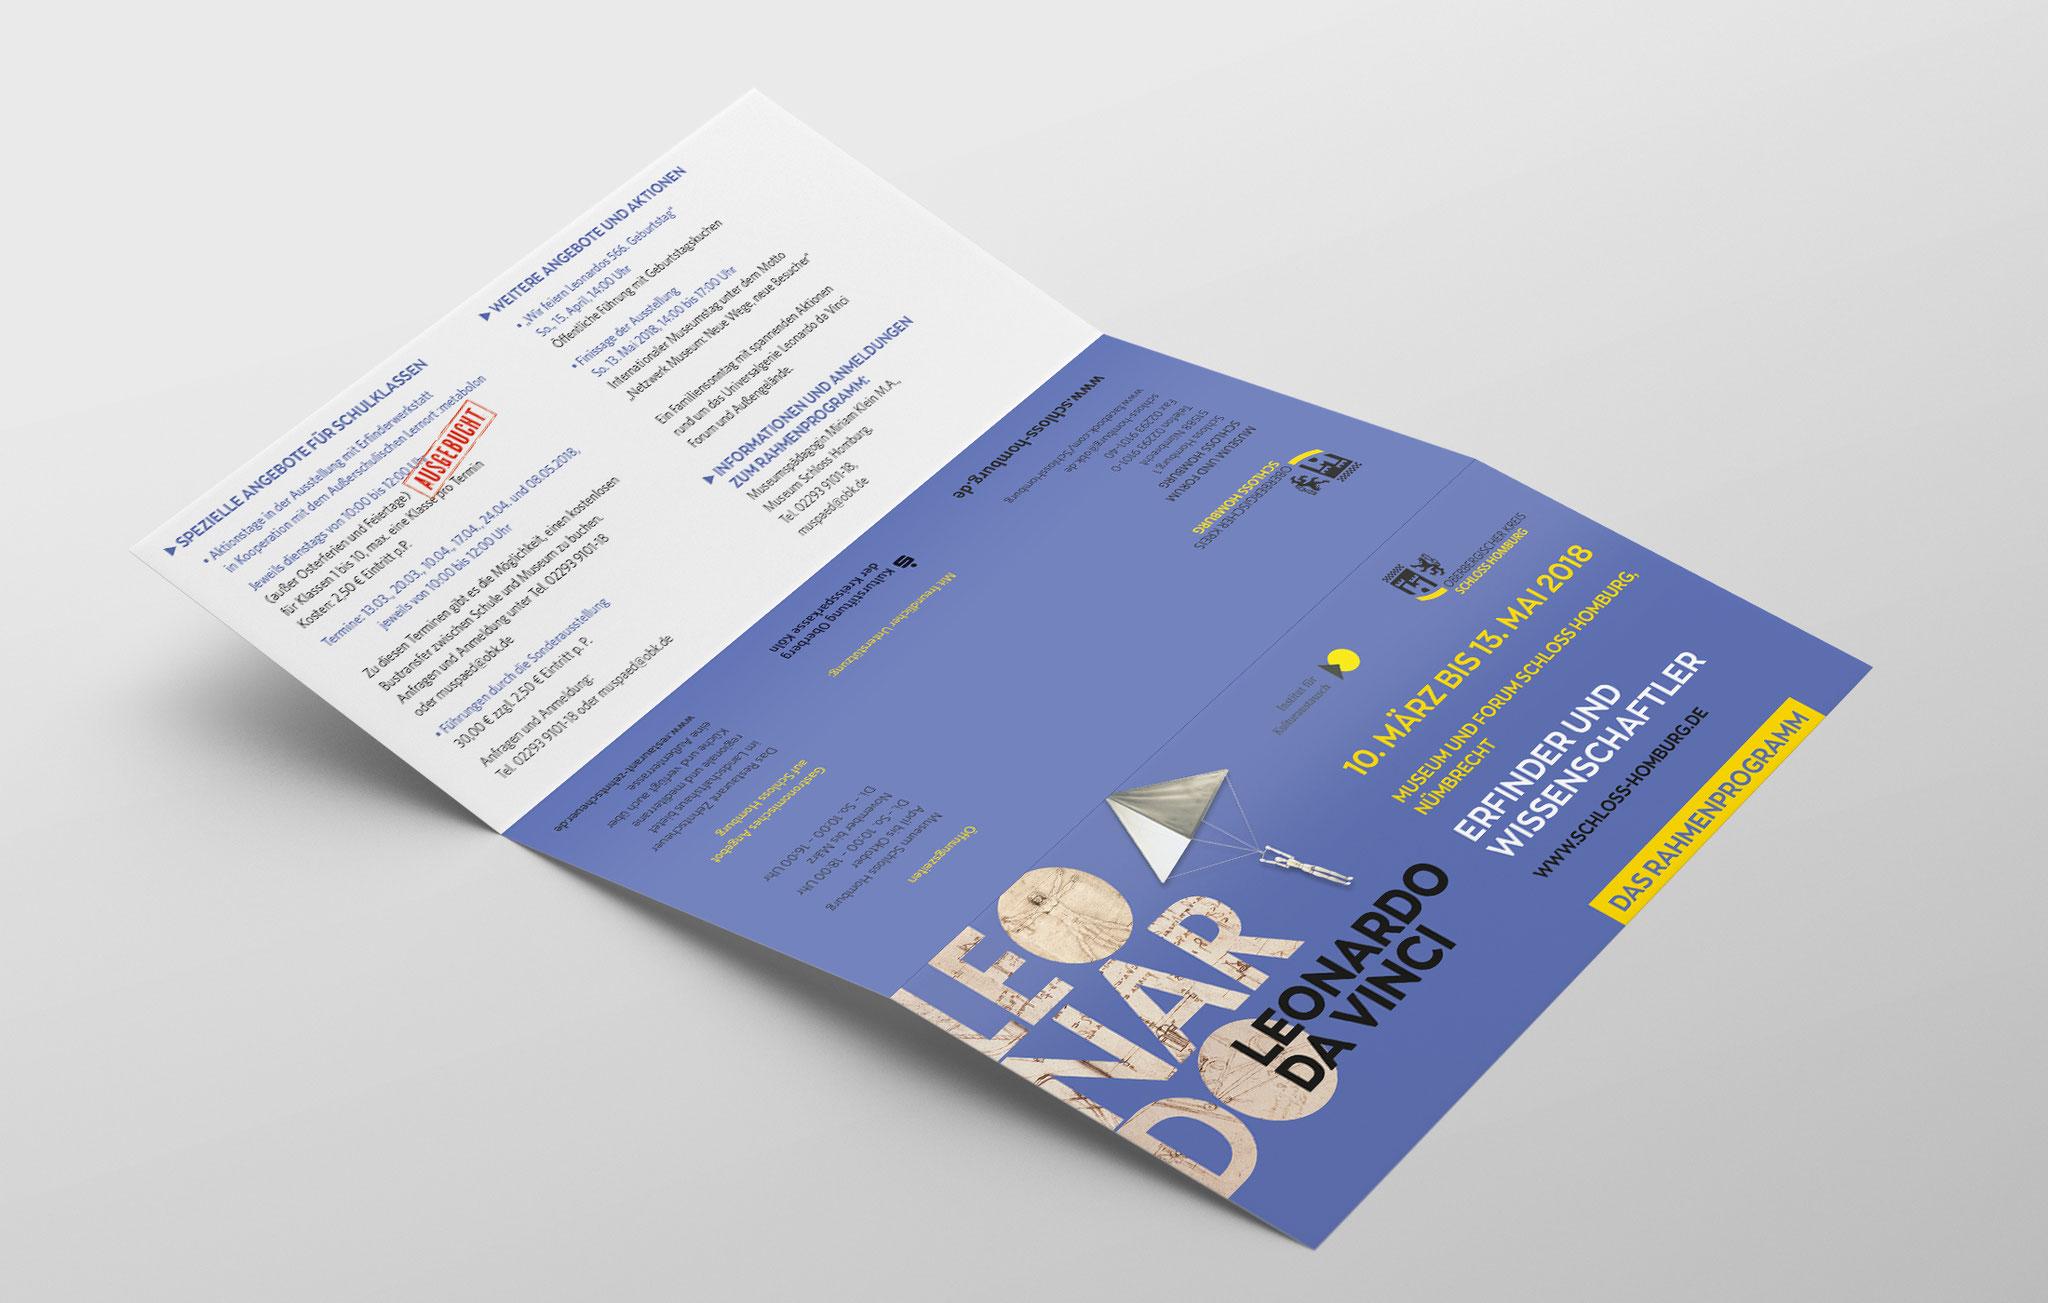 Infofaltblatt zum Rahmenprogramm, Außenseite